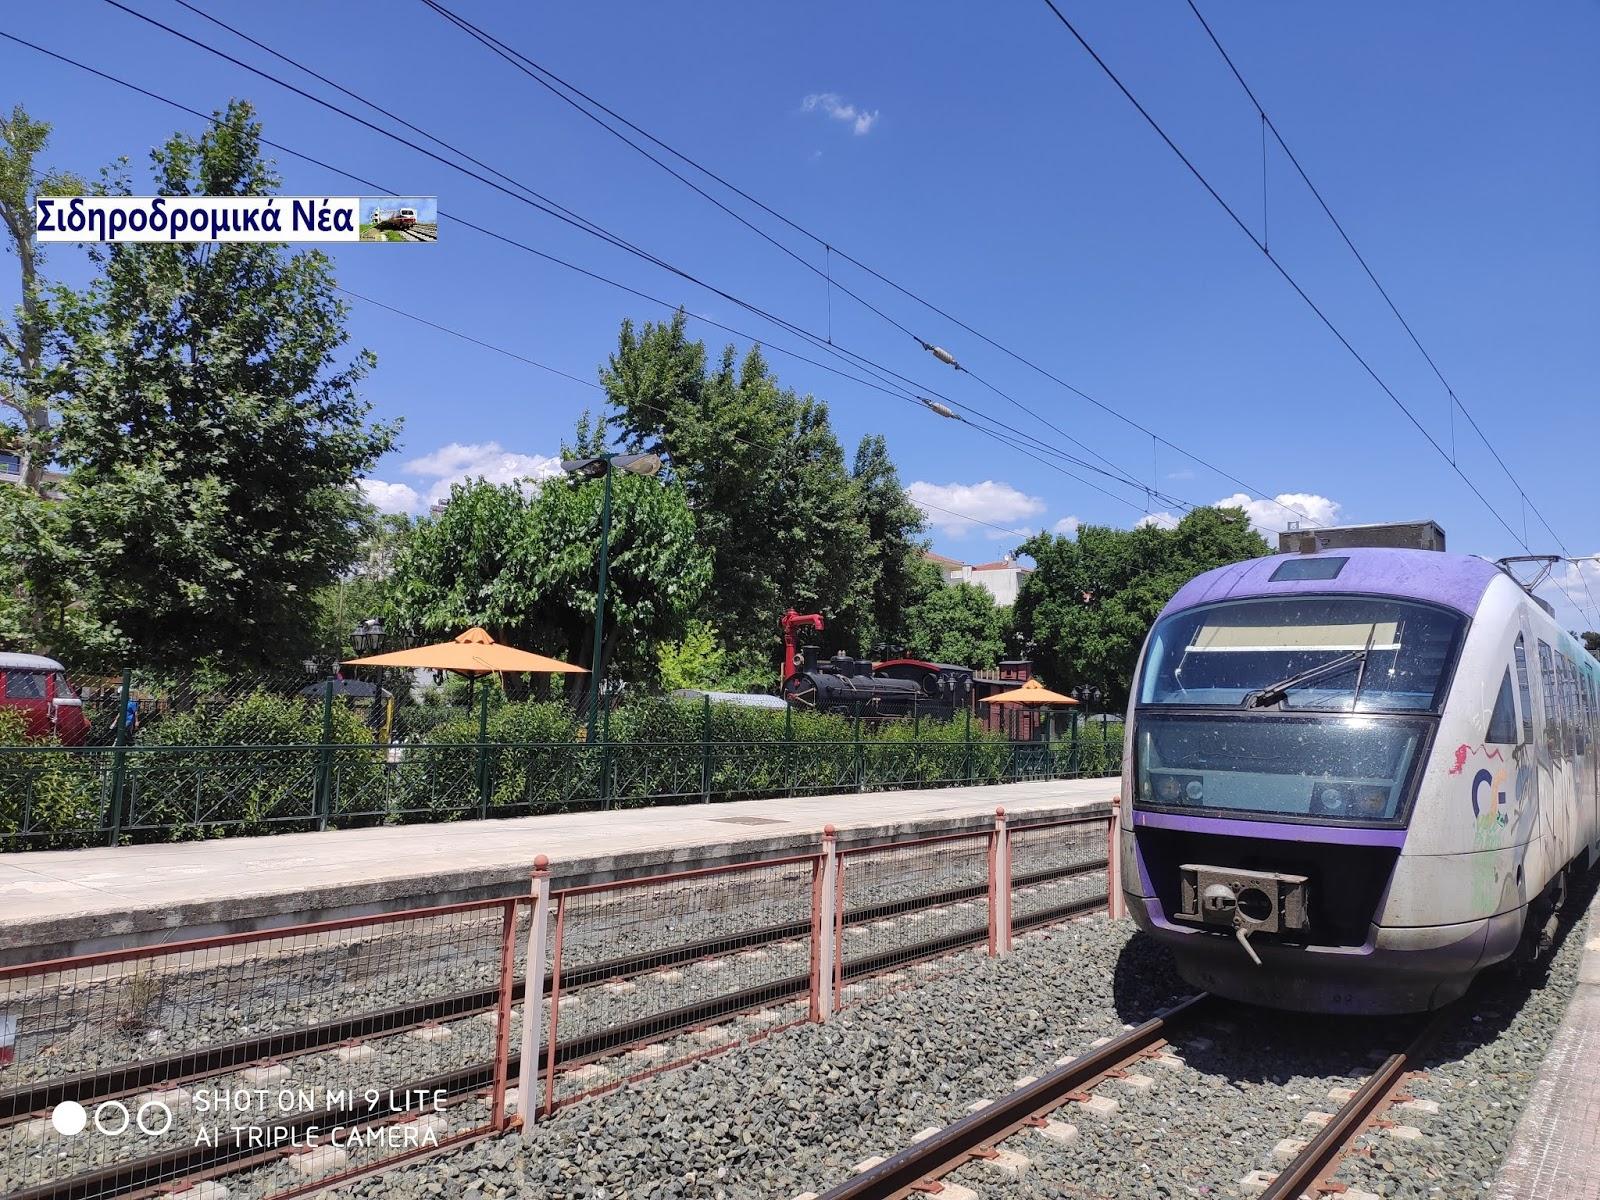 Η ΕΡΓΟΣΕ ανέθεσε έργο κατασκευής σιδηροδρομικής στάσης στο Νέο Παντελεήμονα Πιερίας. - Φωτογραφία 1